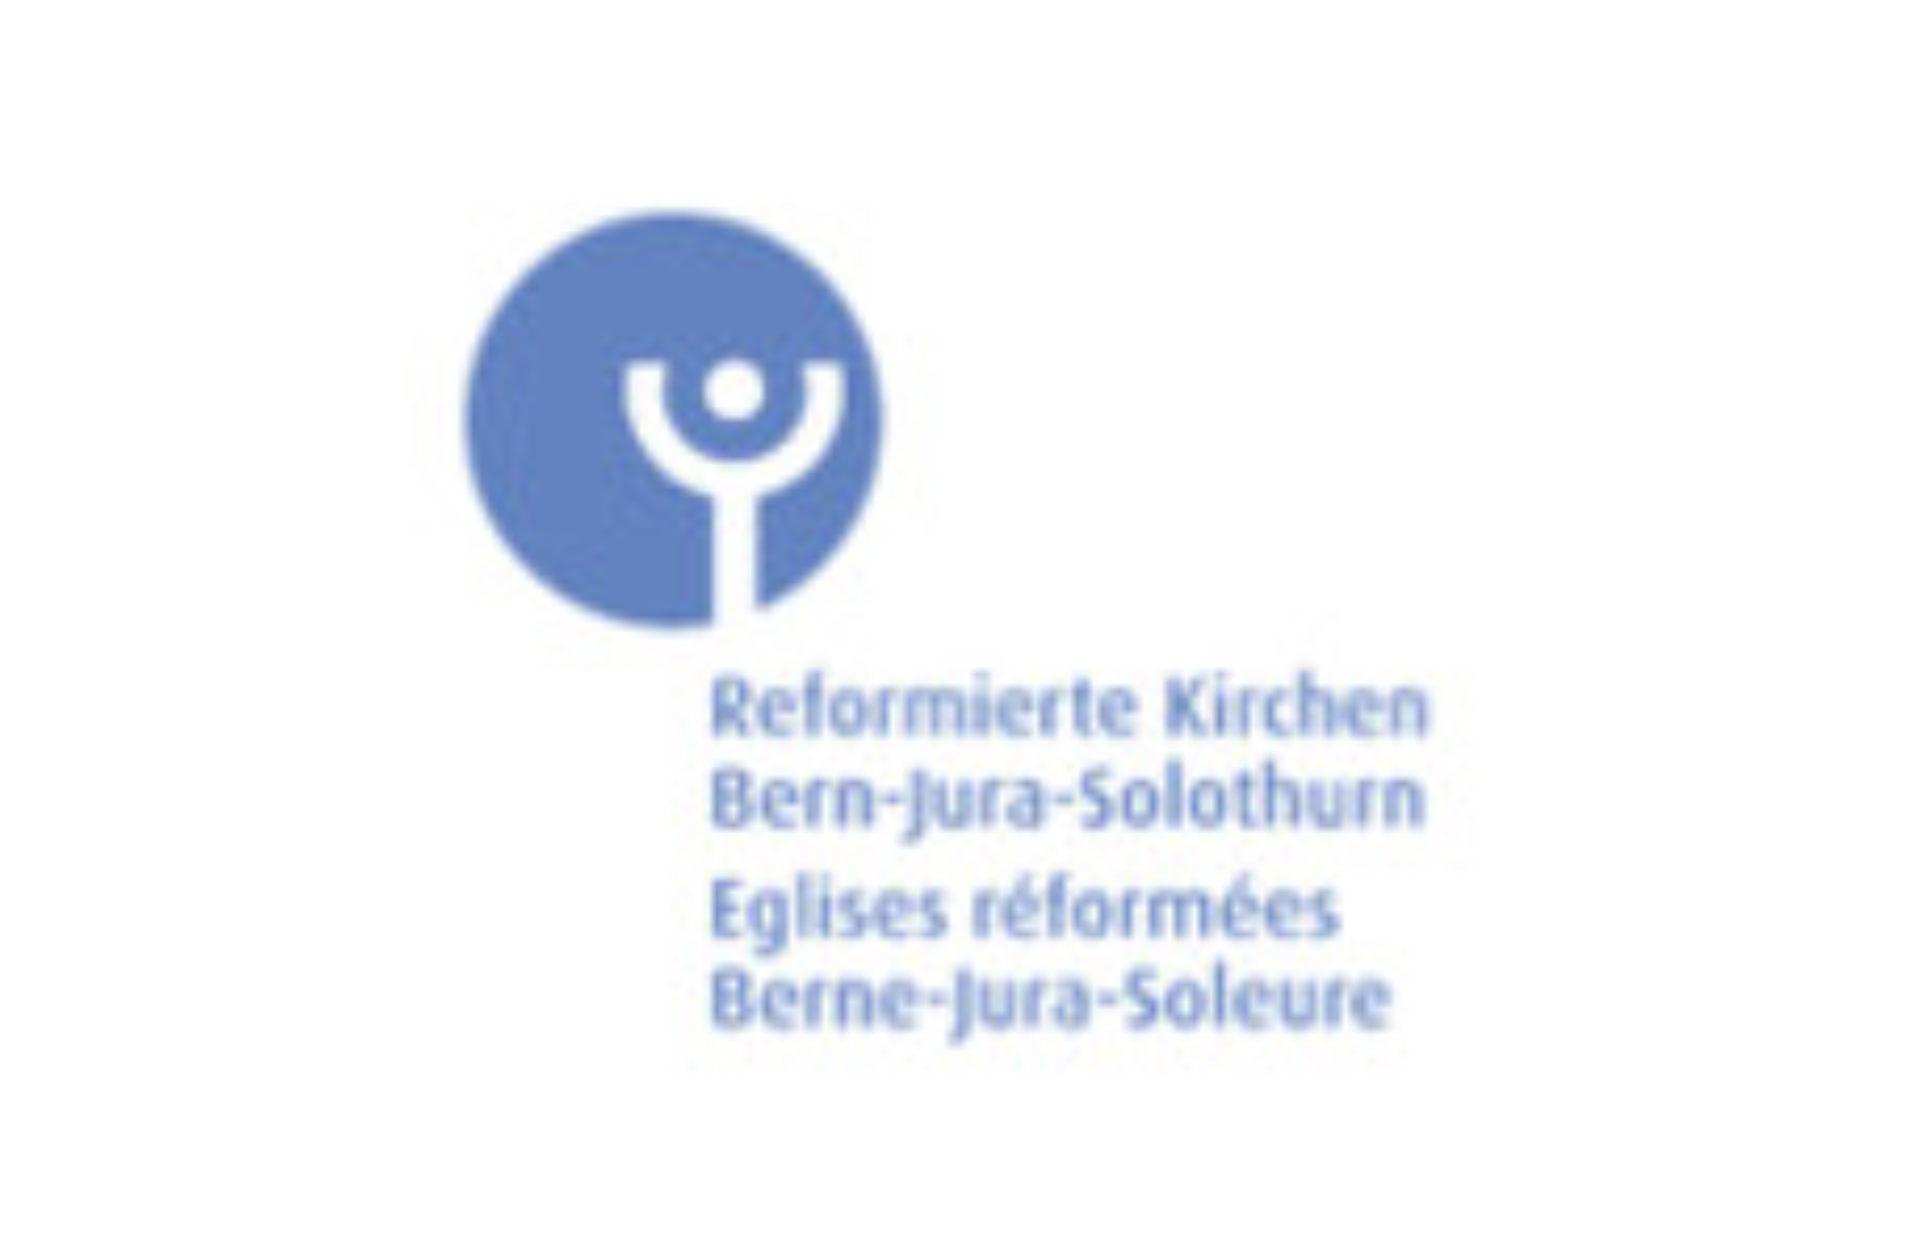 Reformierte Kirchen Bern Jura Solothurn